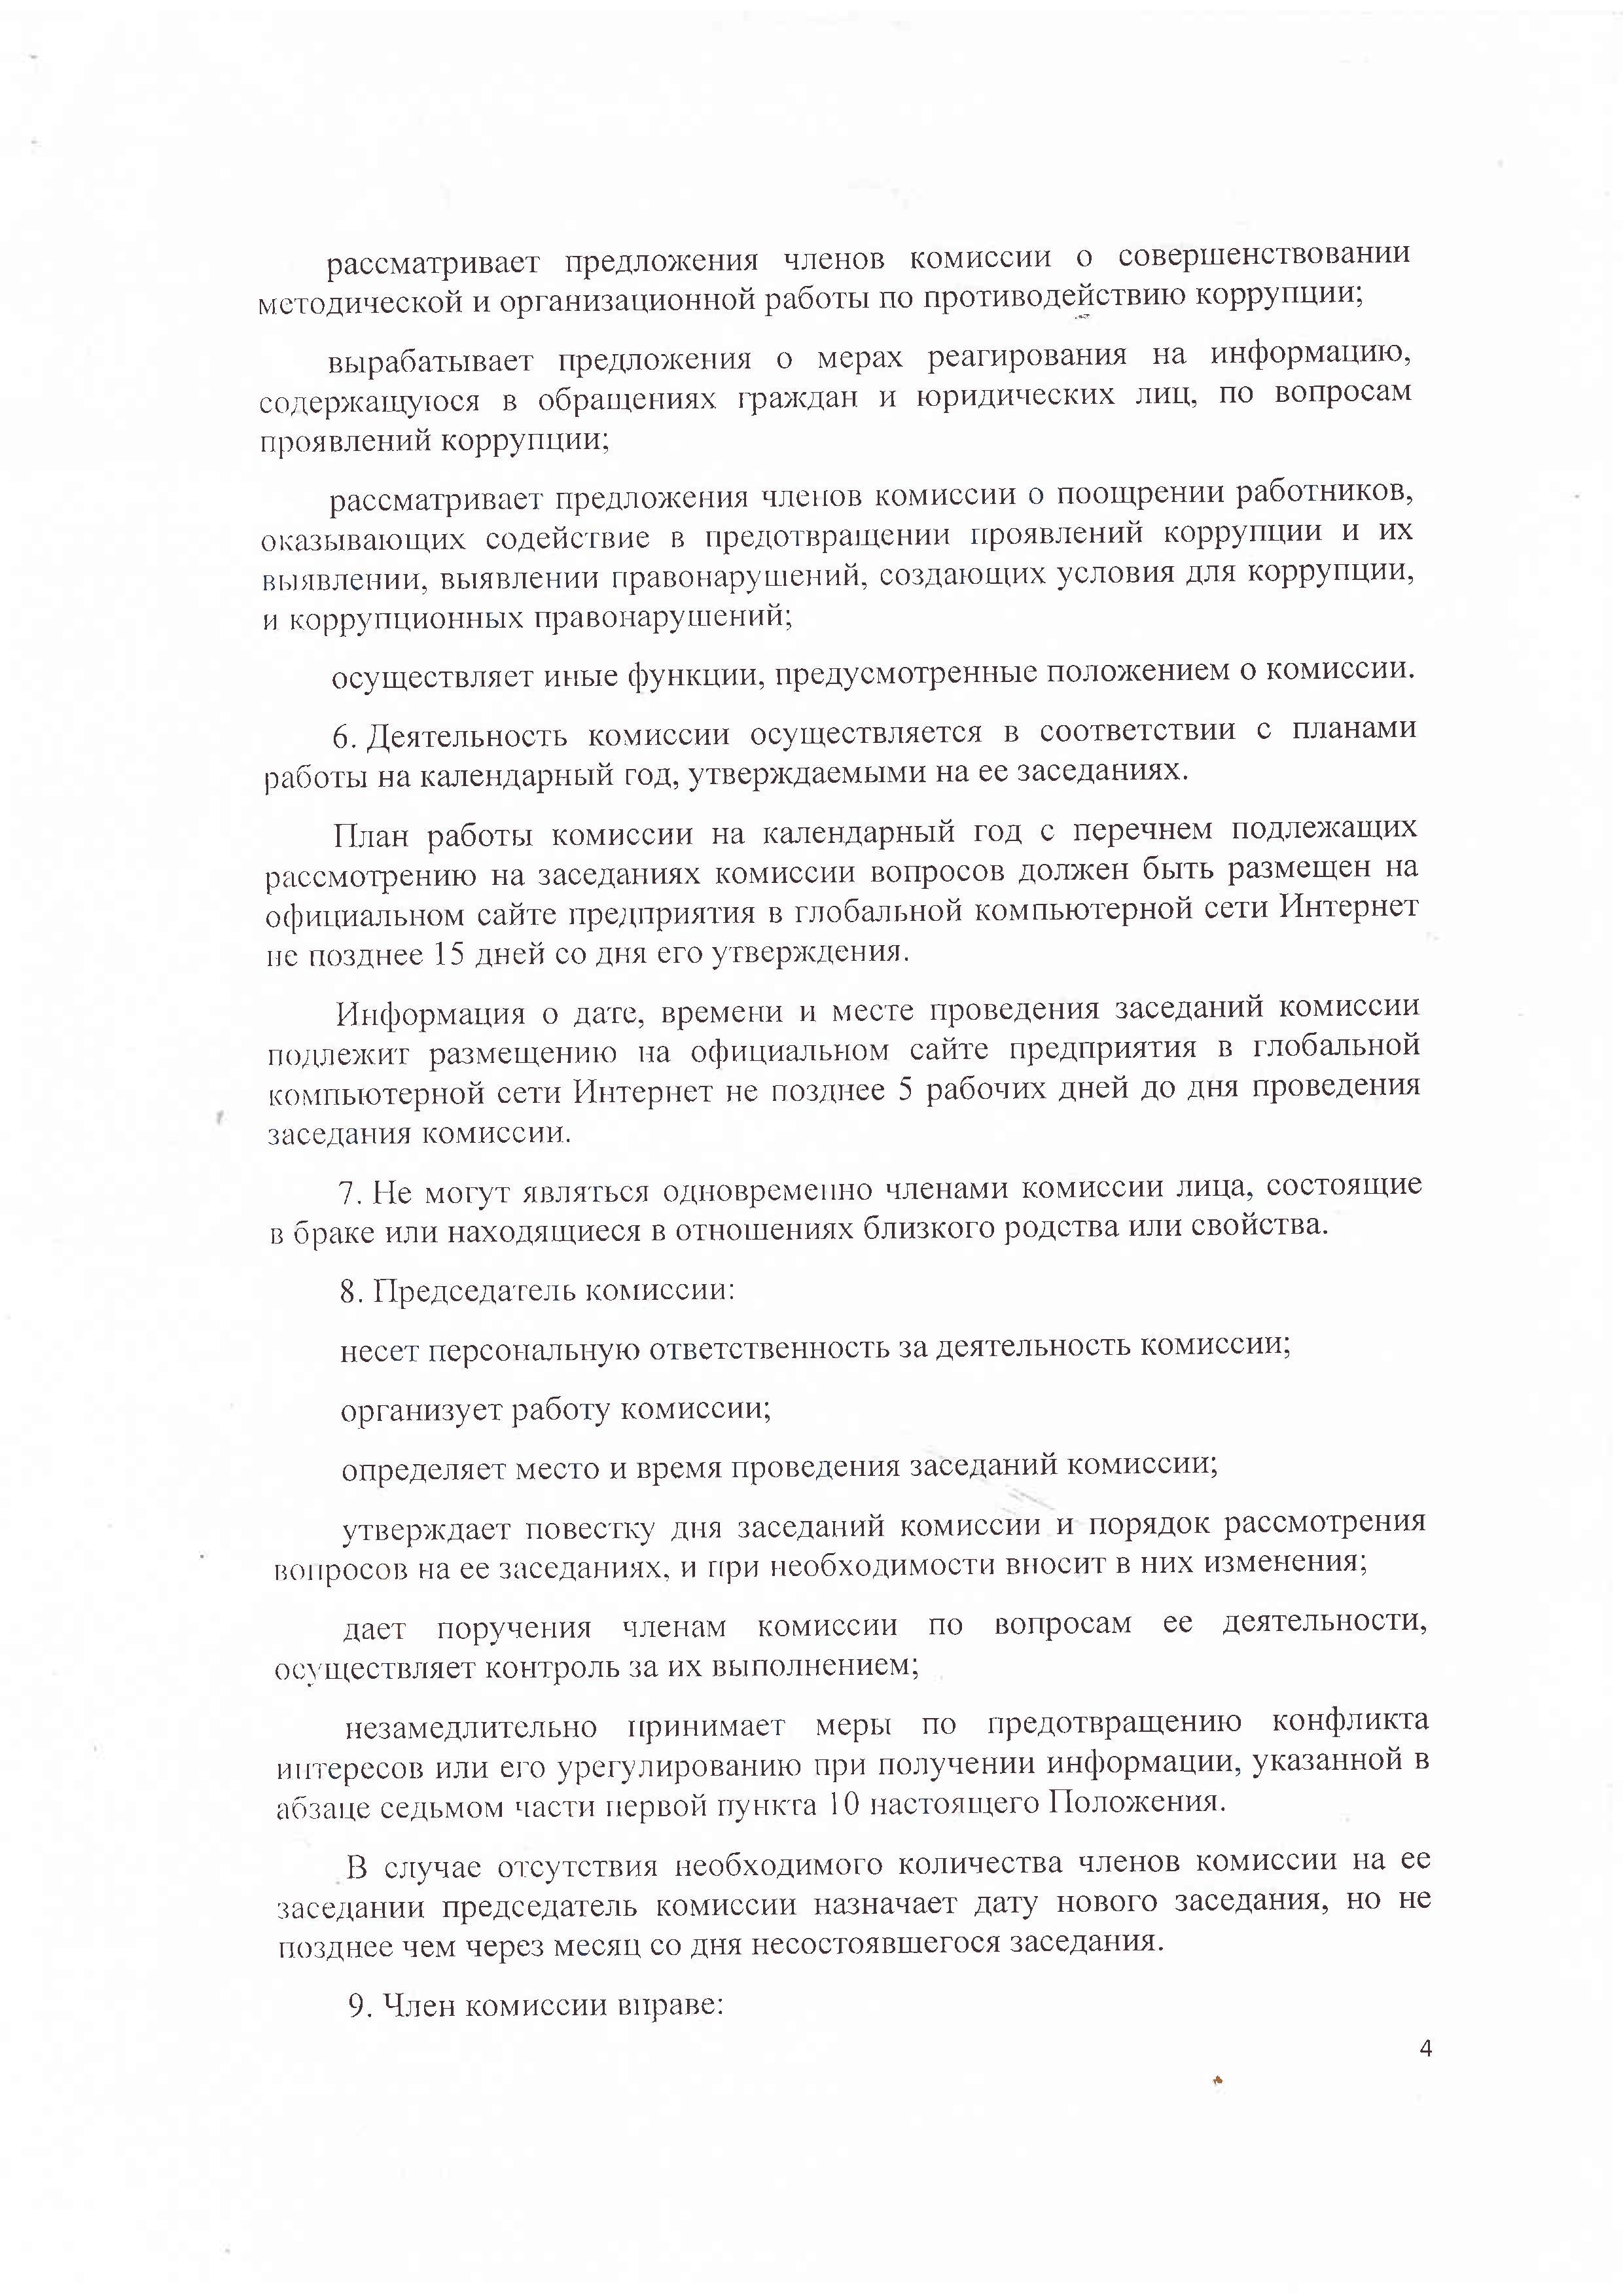 Положение о комиссии по противодействию коррупции. 4 стр.